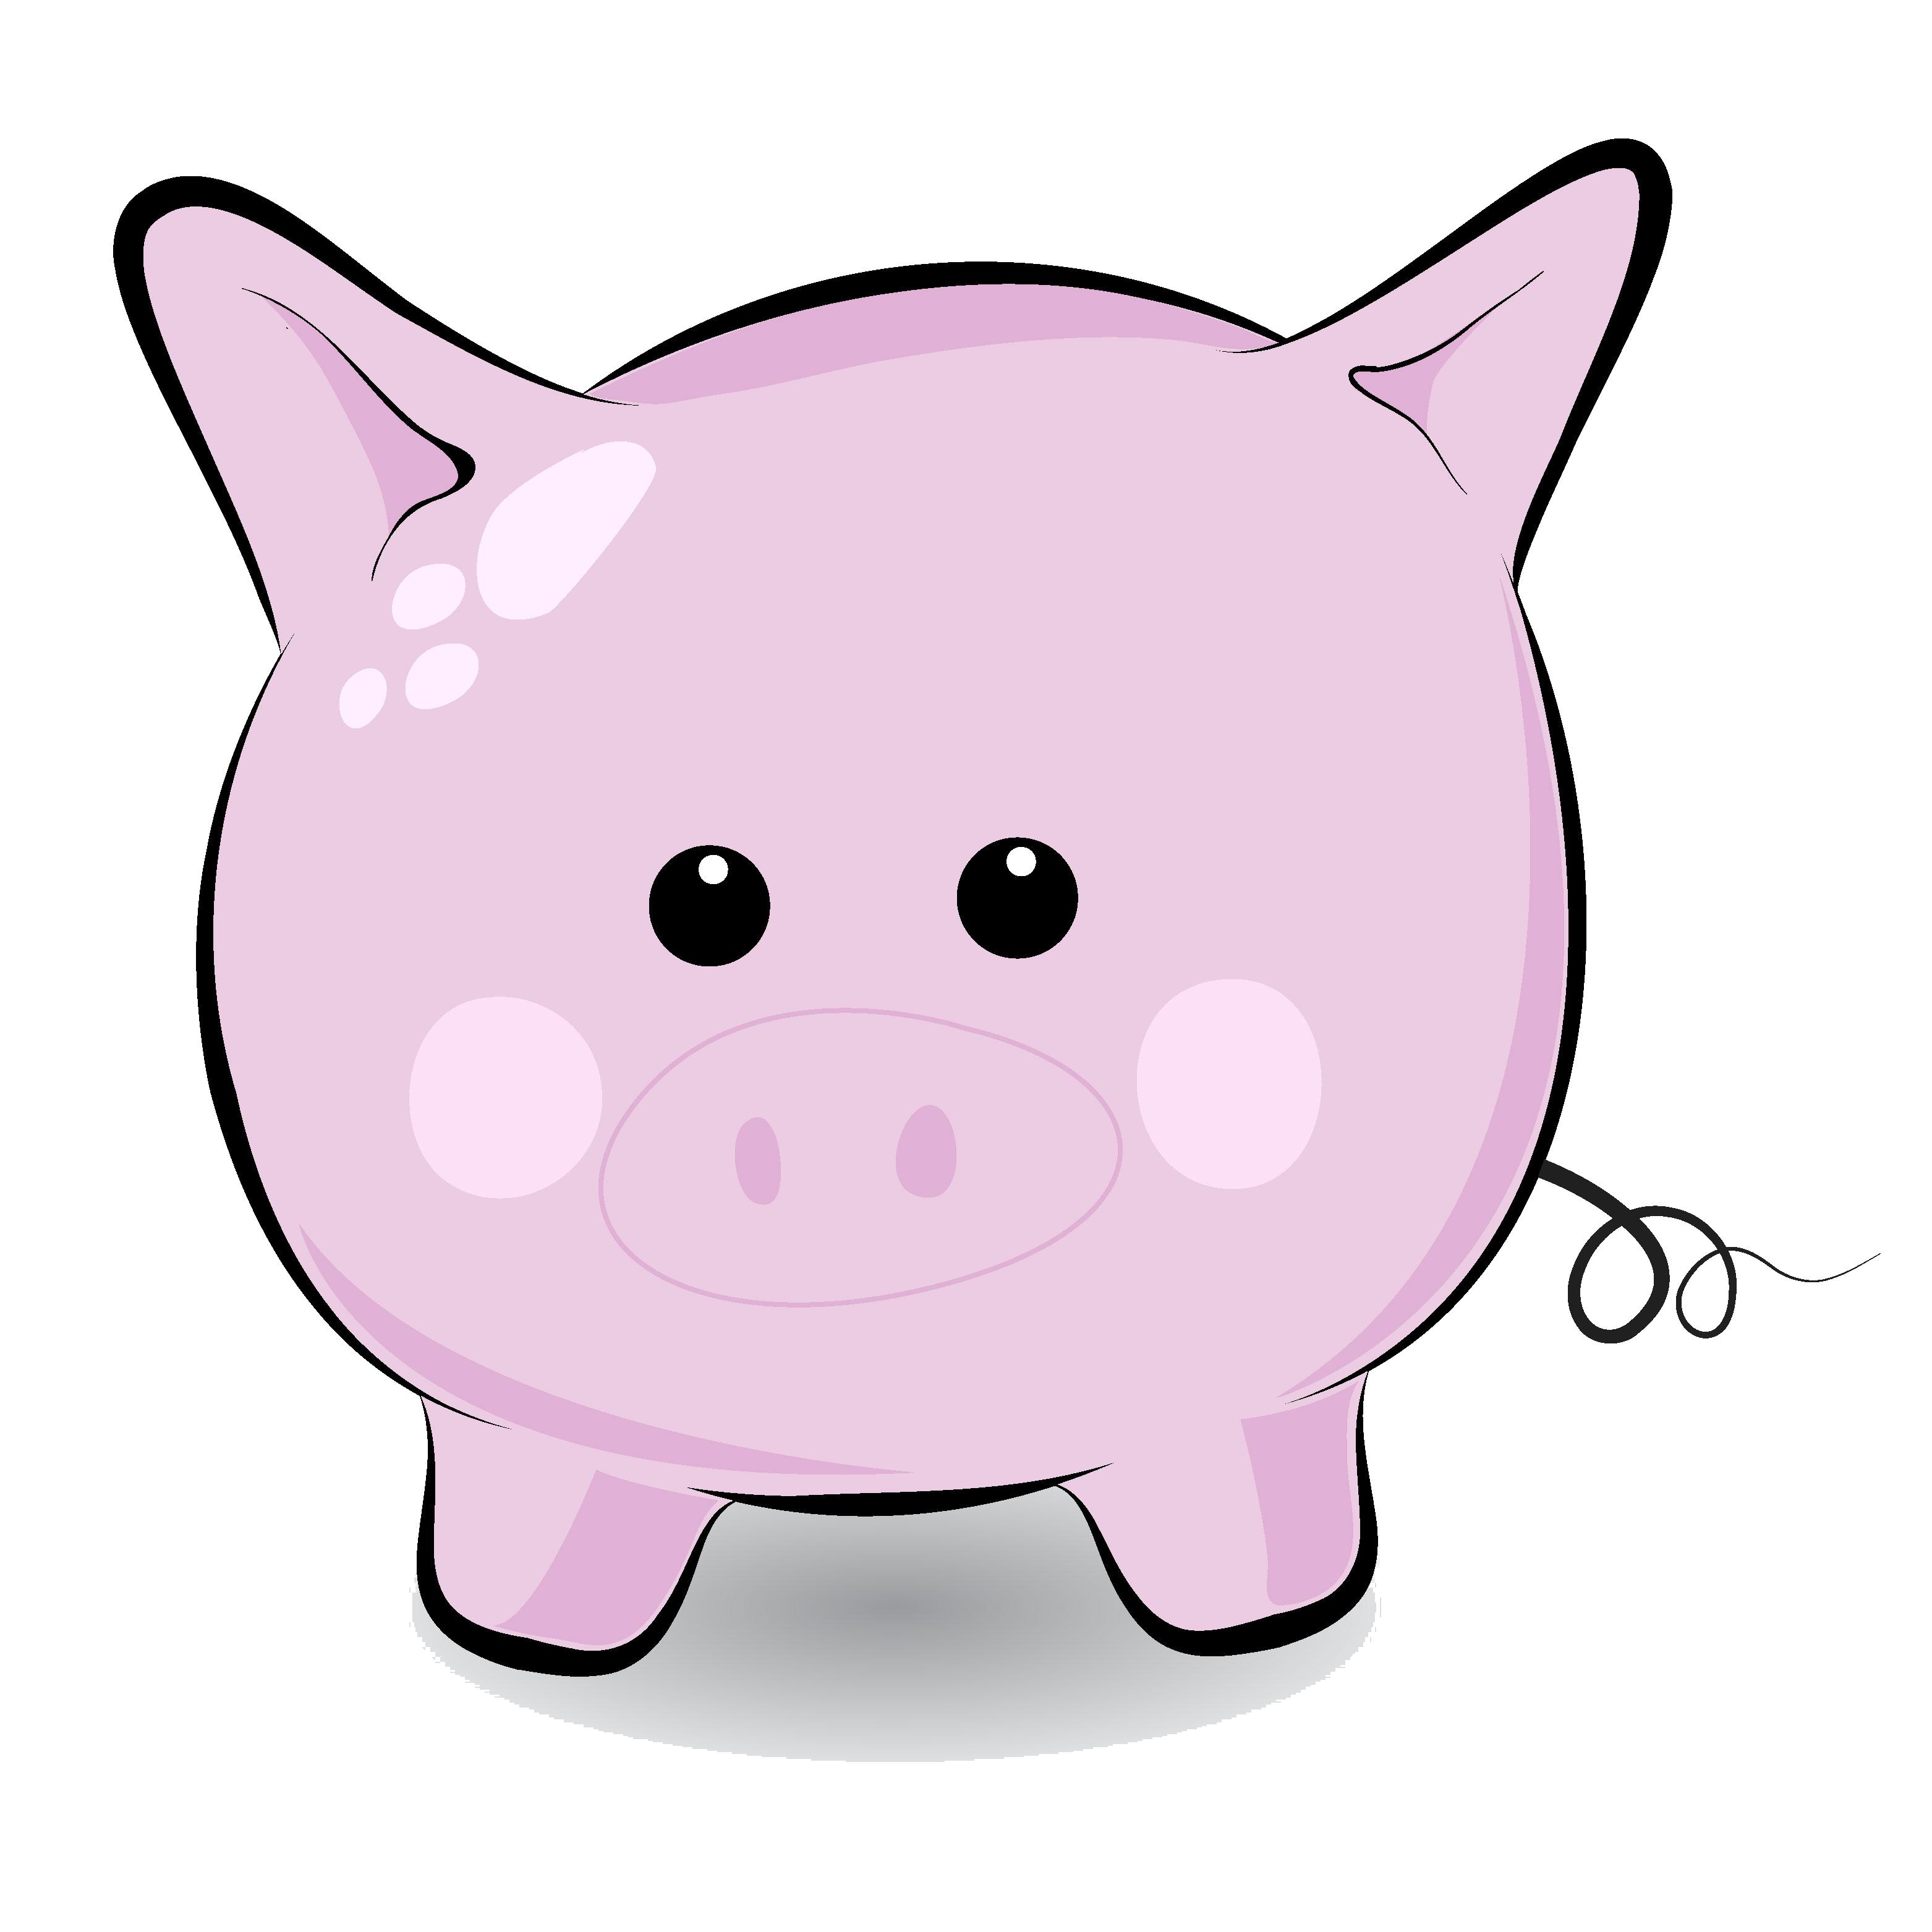 3125x3125 Top 94 Pig Clip Art